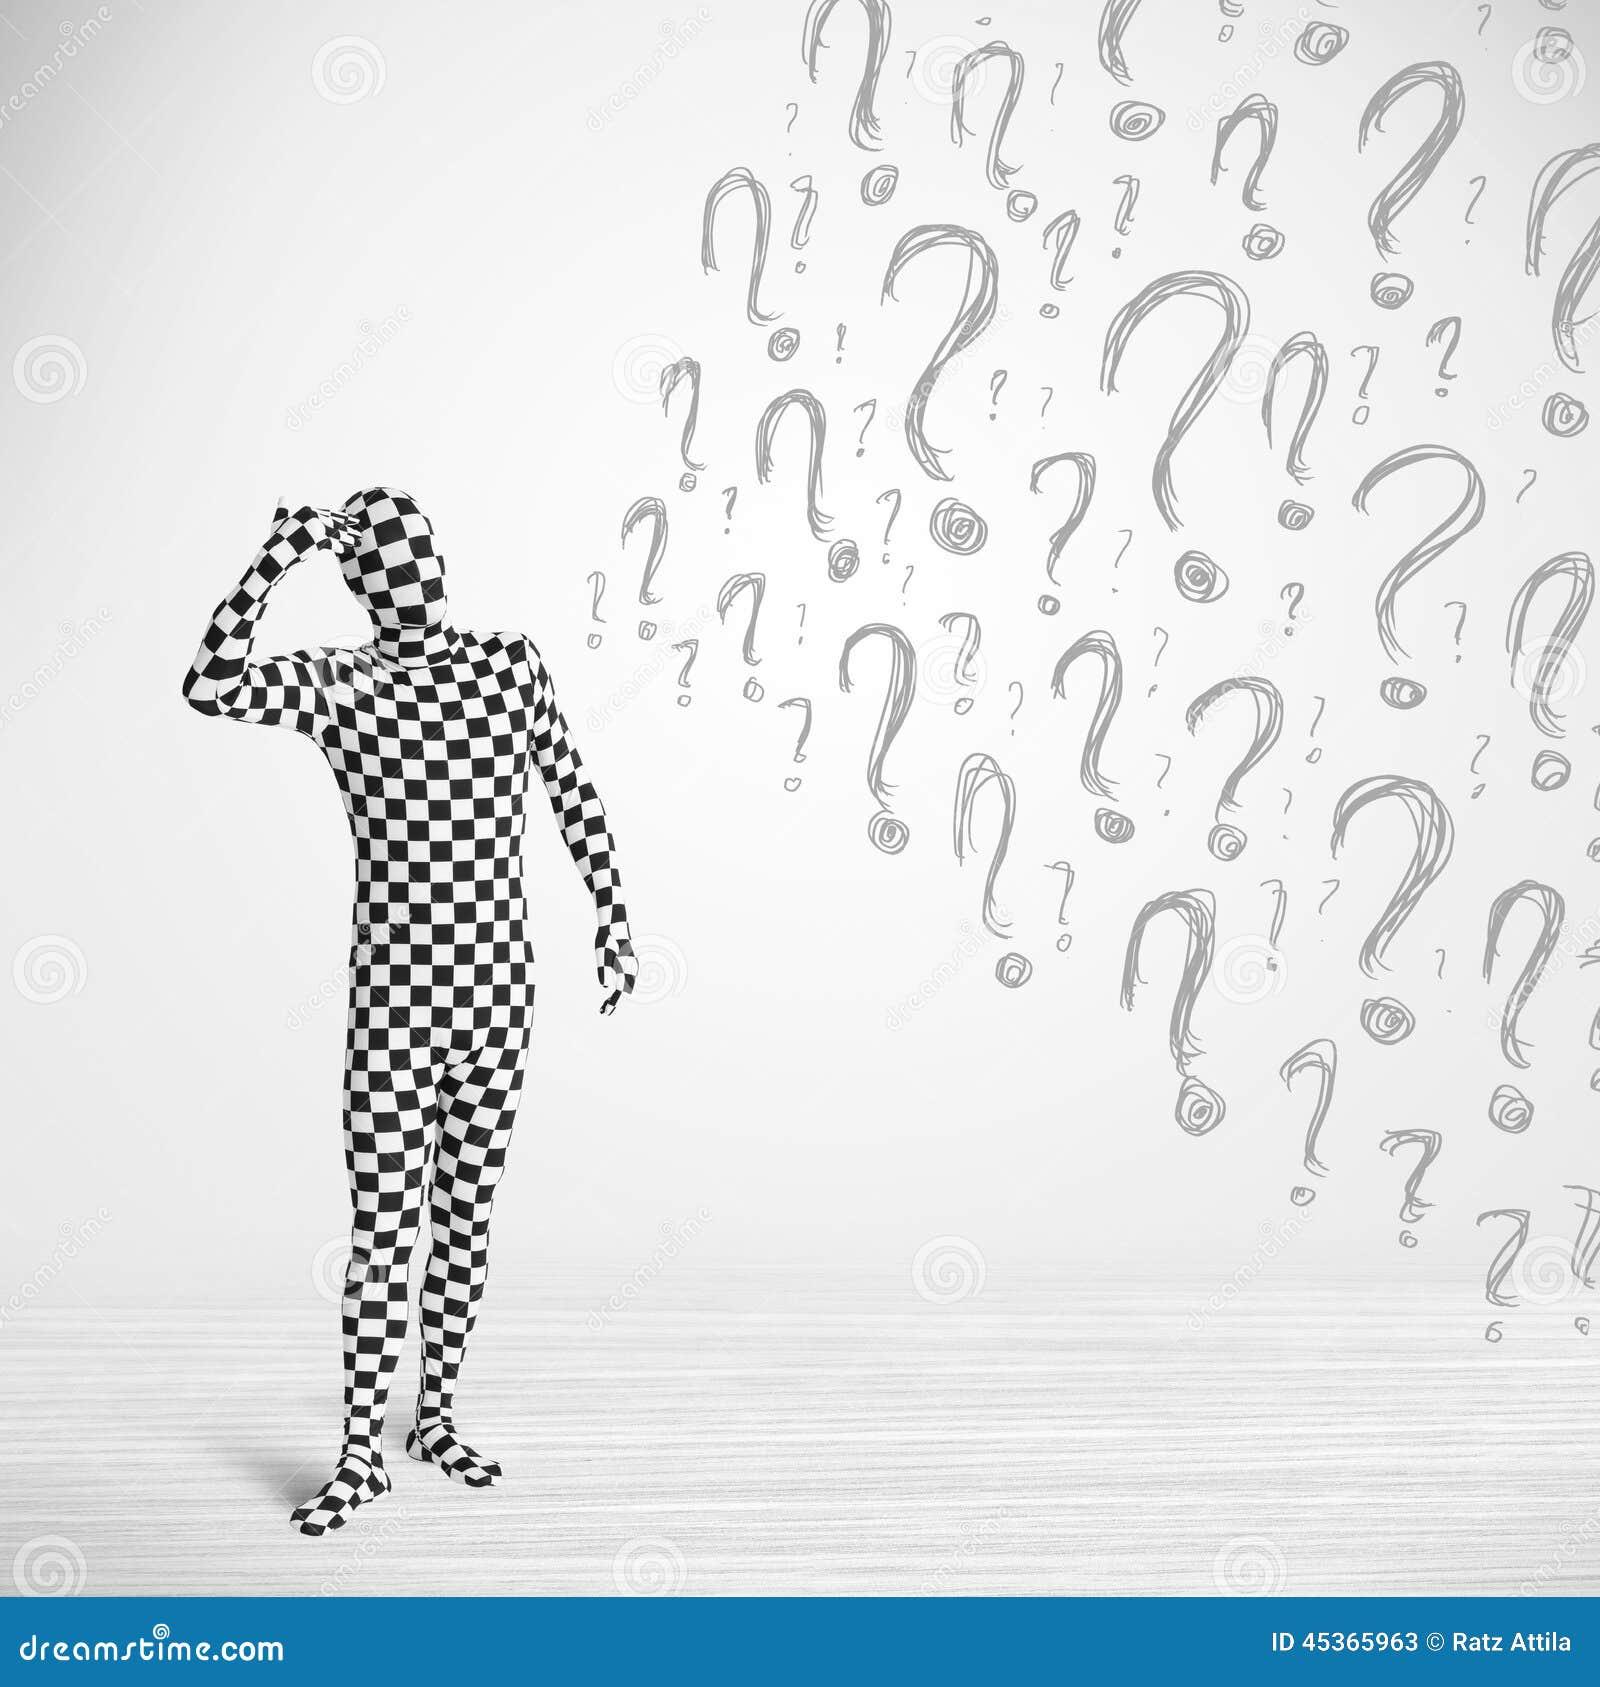 Le caractère 3d humain est costume de corps semblant la question dessinée actuelle m